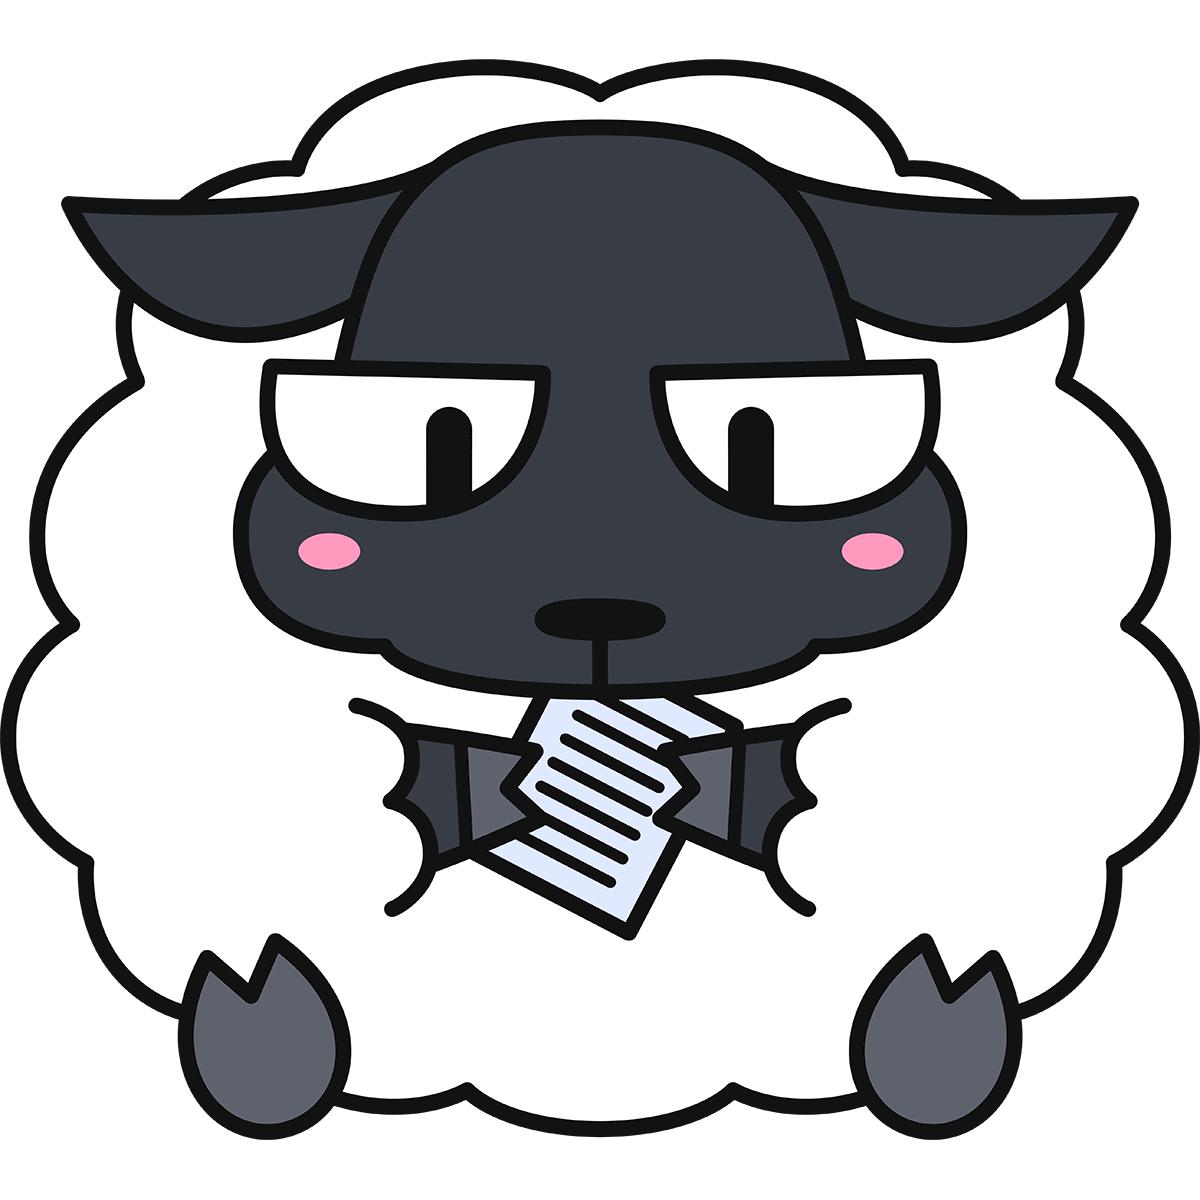 紙を食べる羊(サフォーク/猫目)の無料イラスト